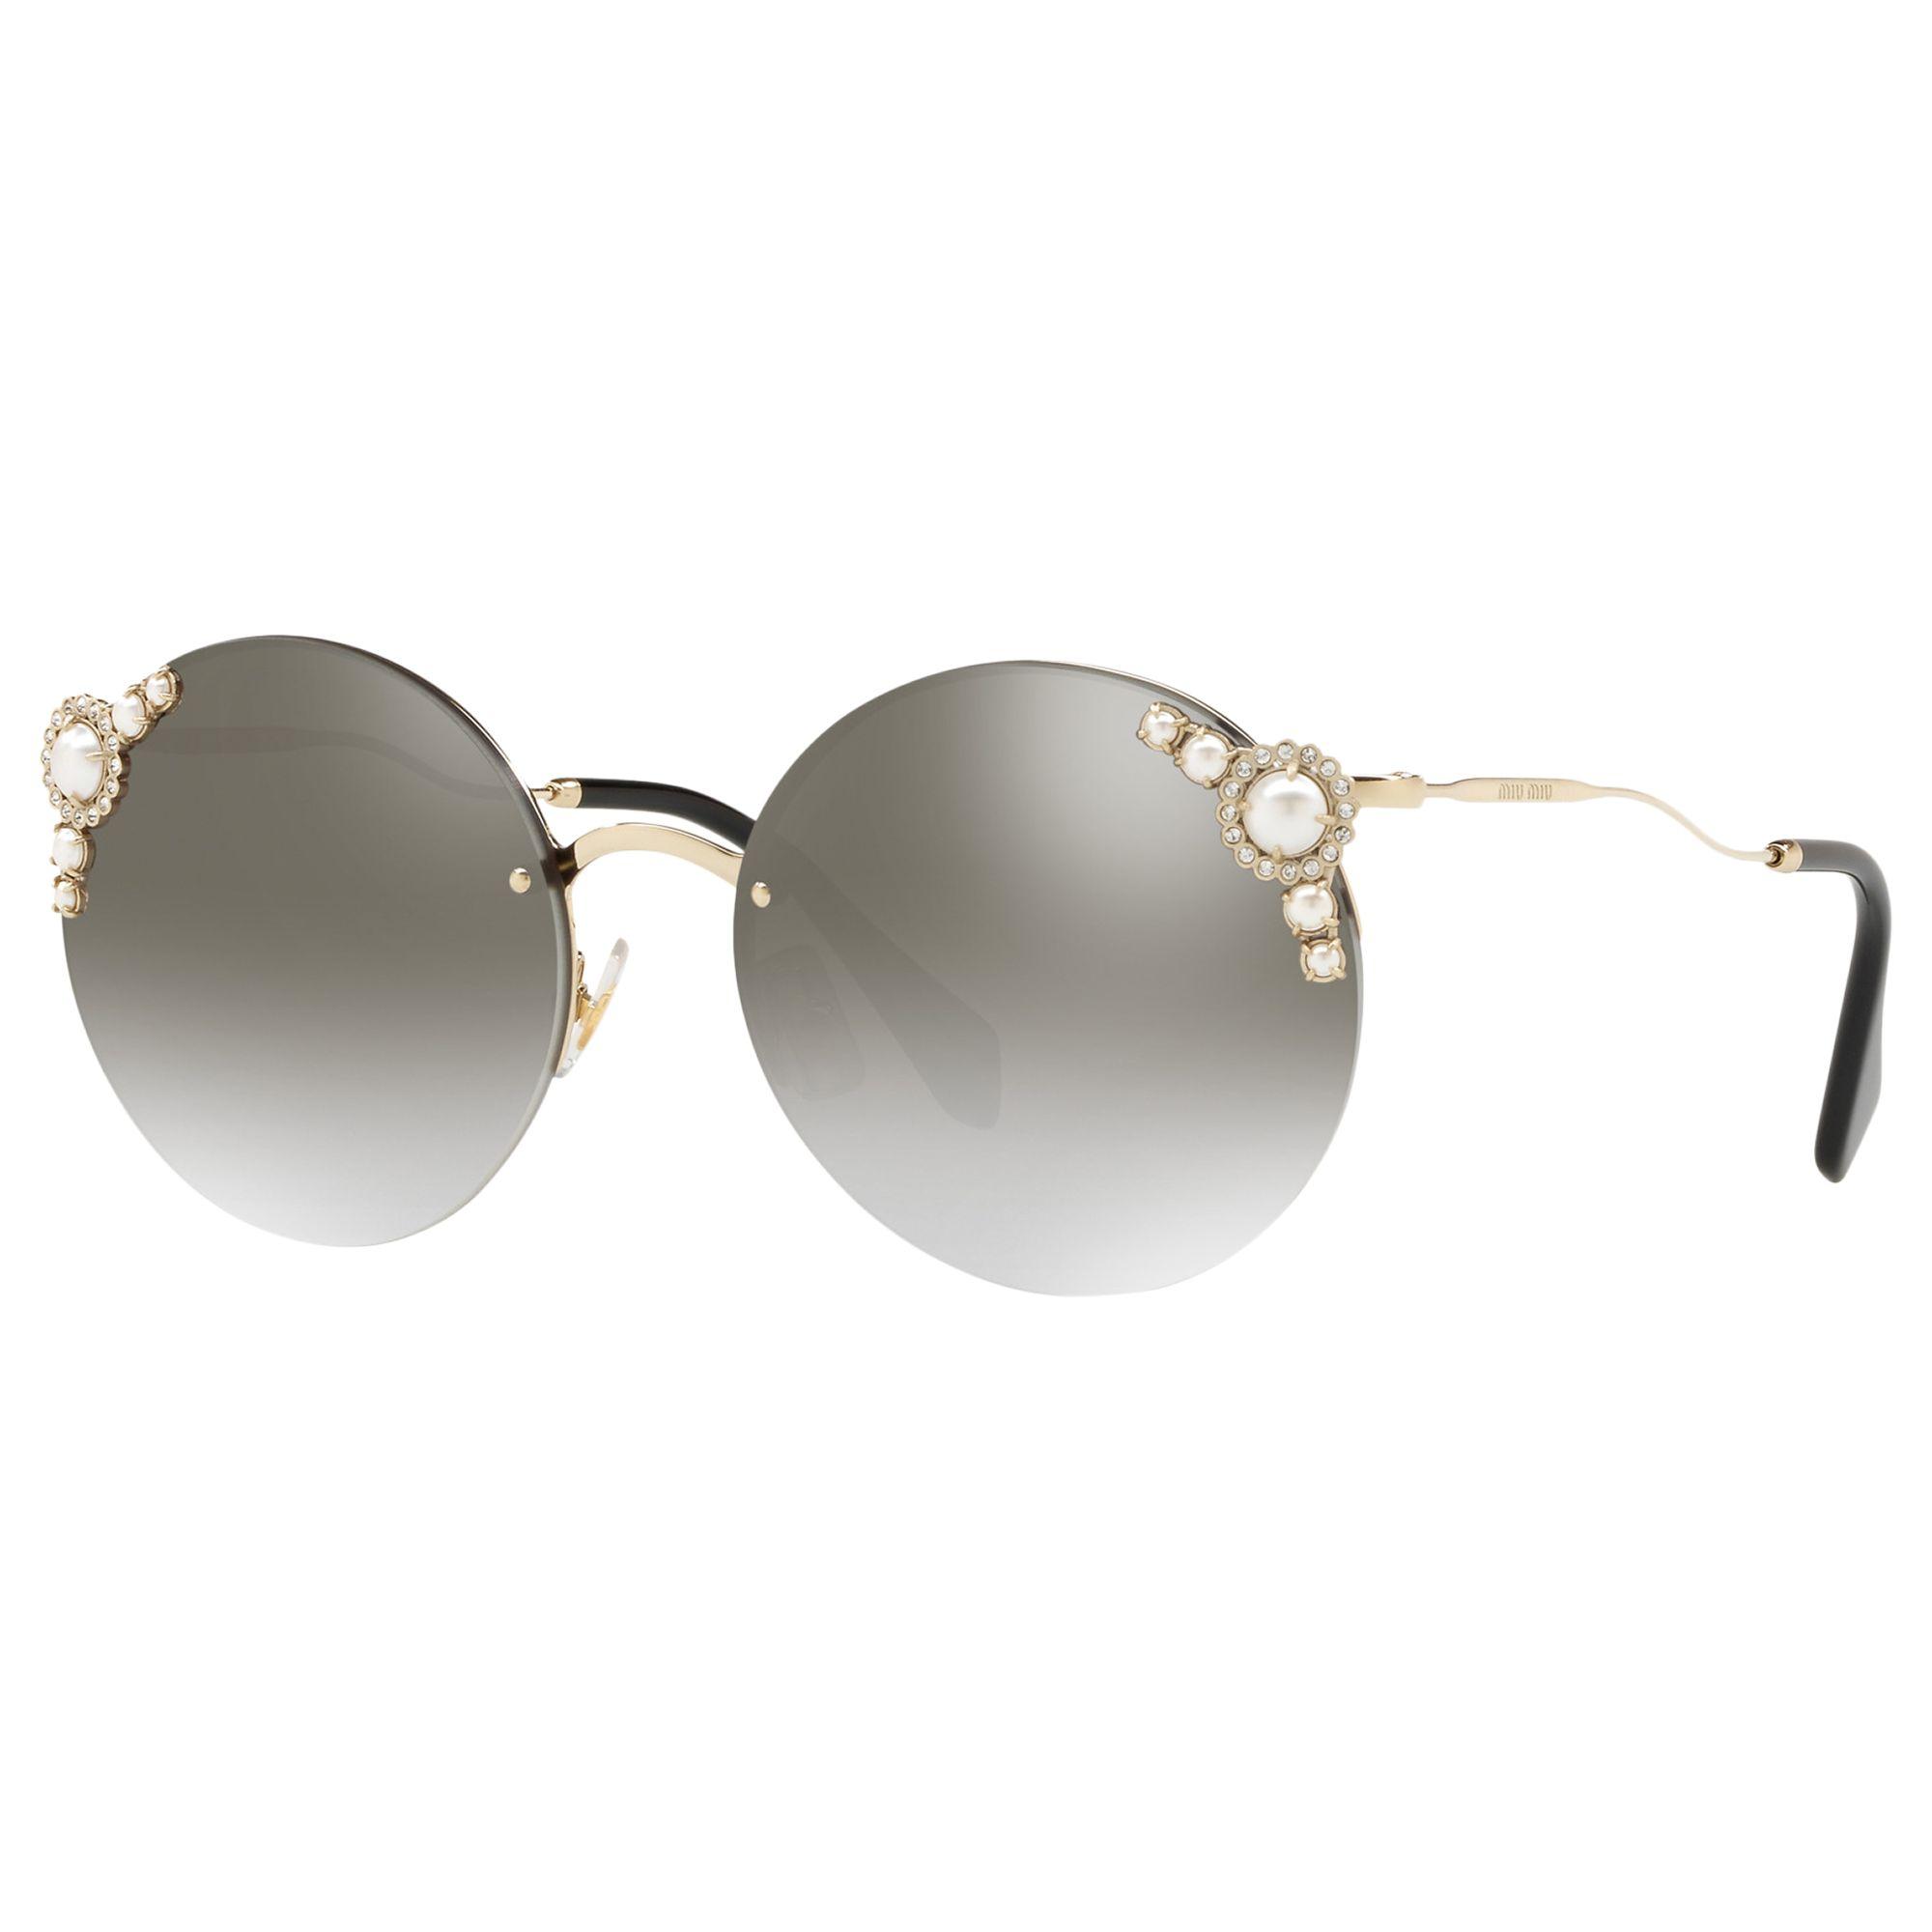 Miu Miu Miu Miu MU 52TS Women's Embellished Round Sunglasses